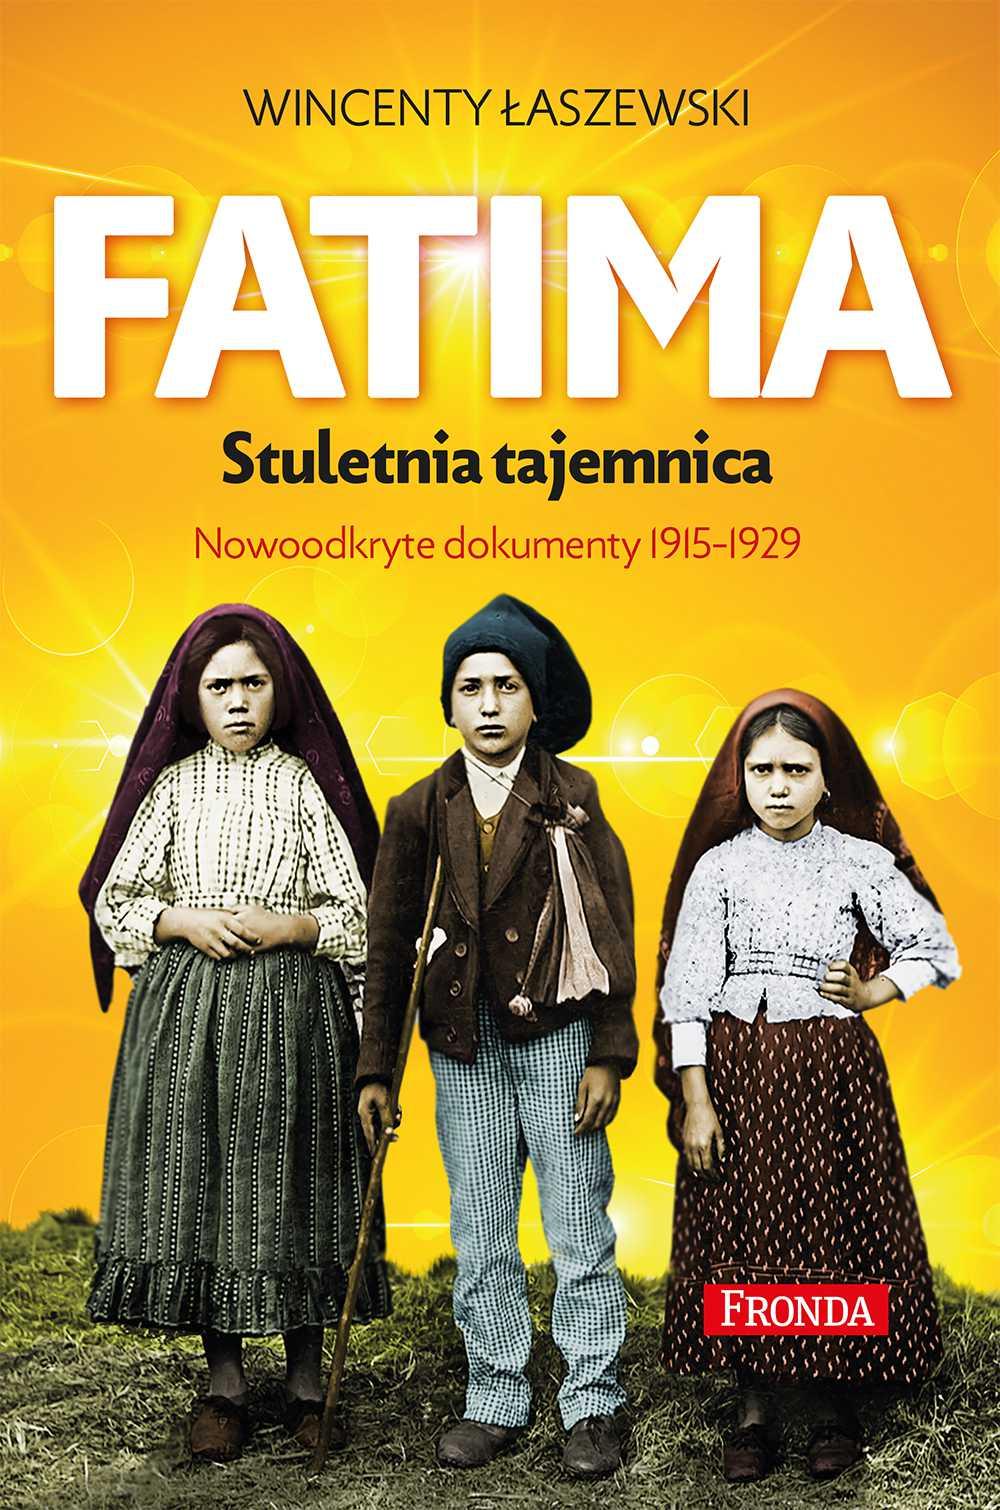 Fatima - Ebook (Książka EPUB) do pobrania w formacie EPUB